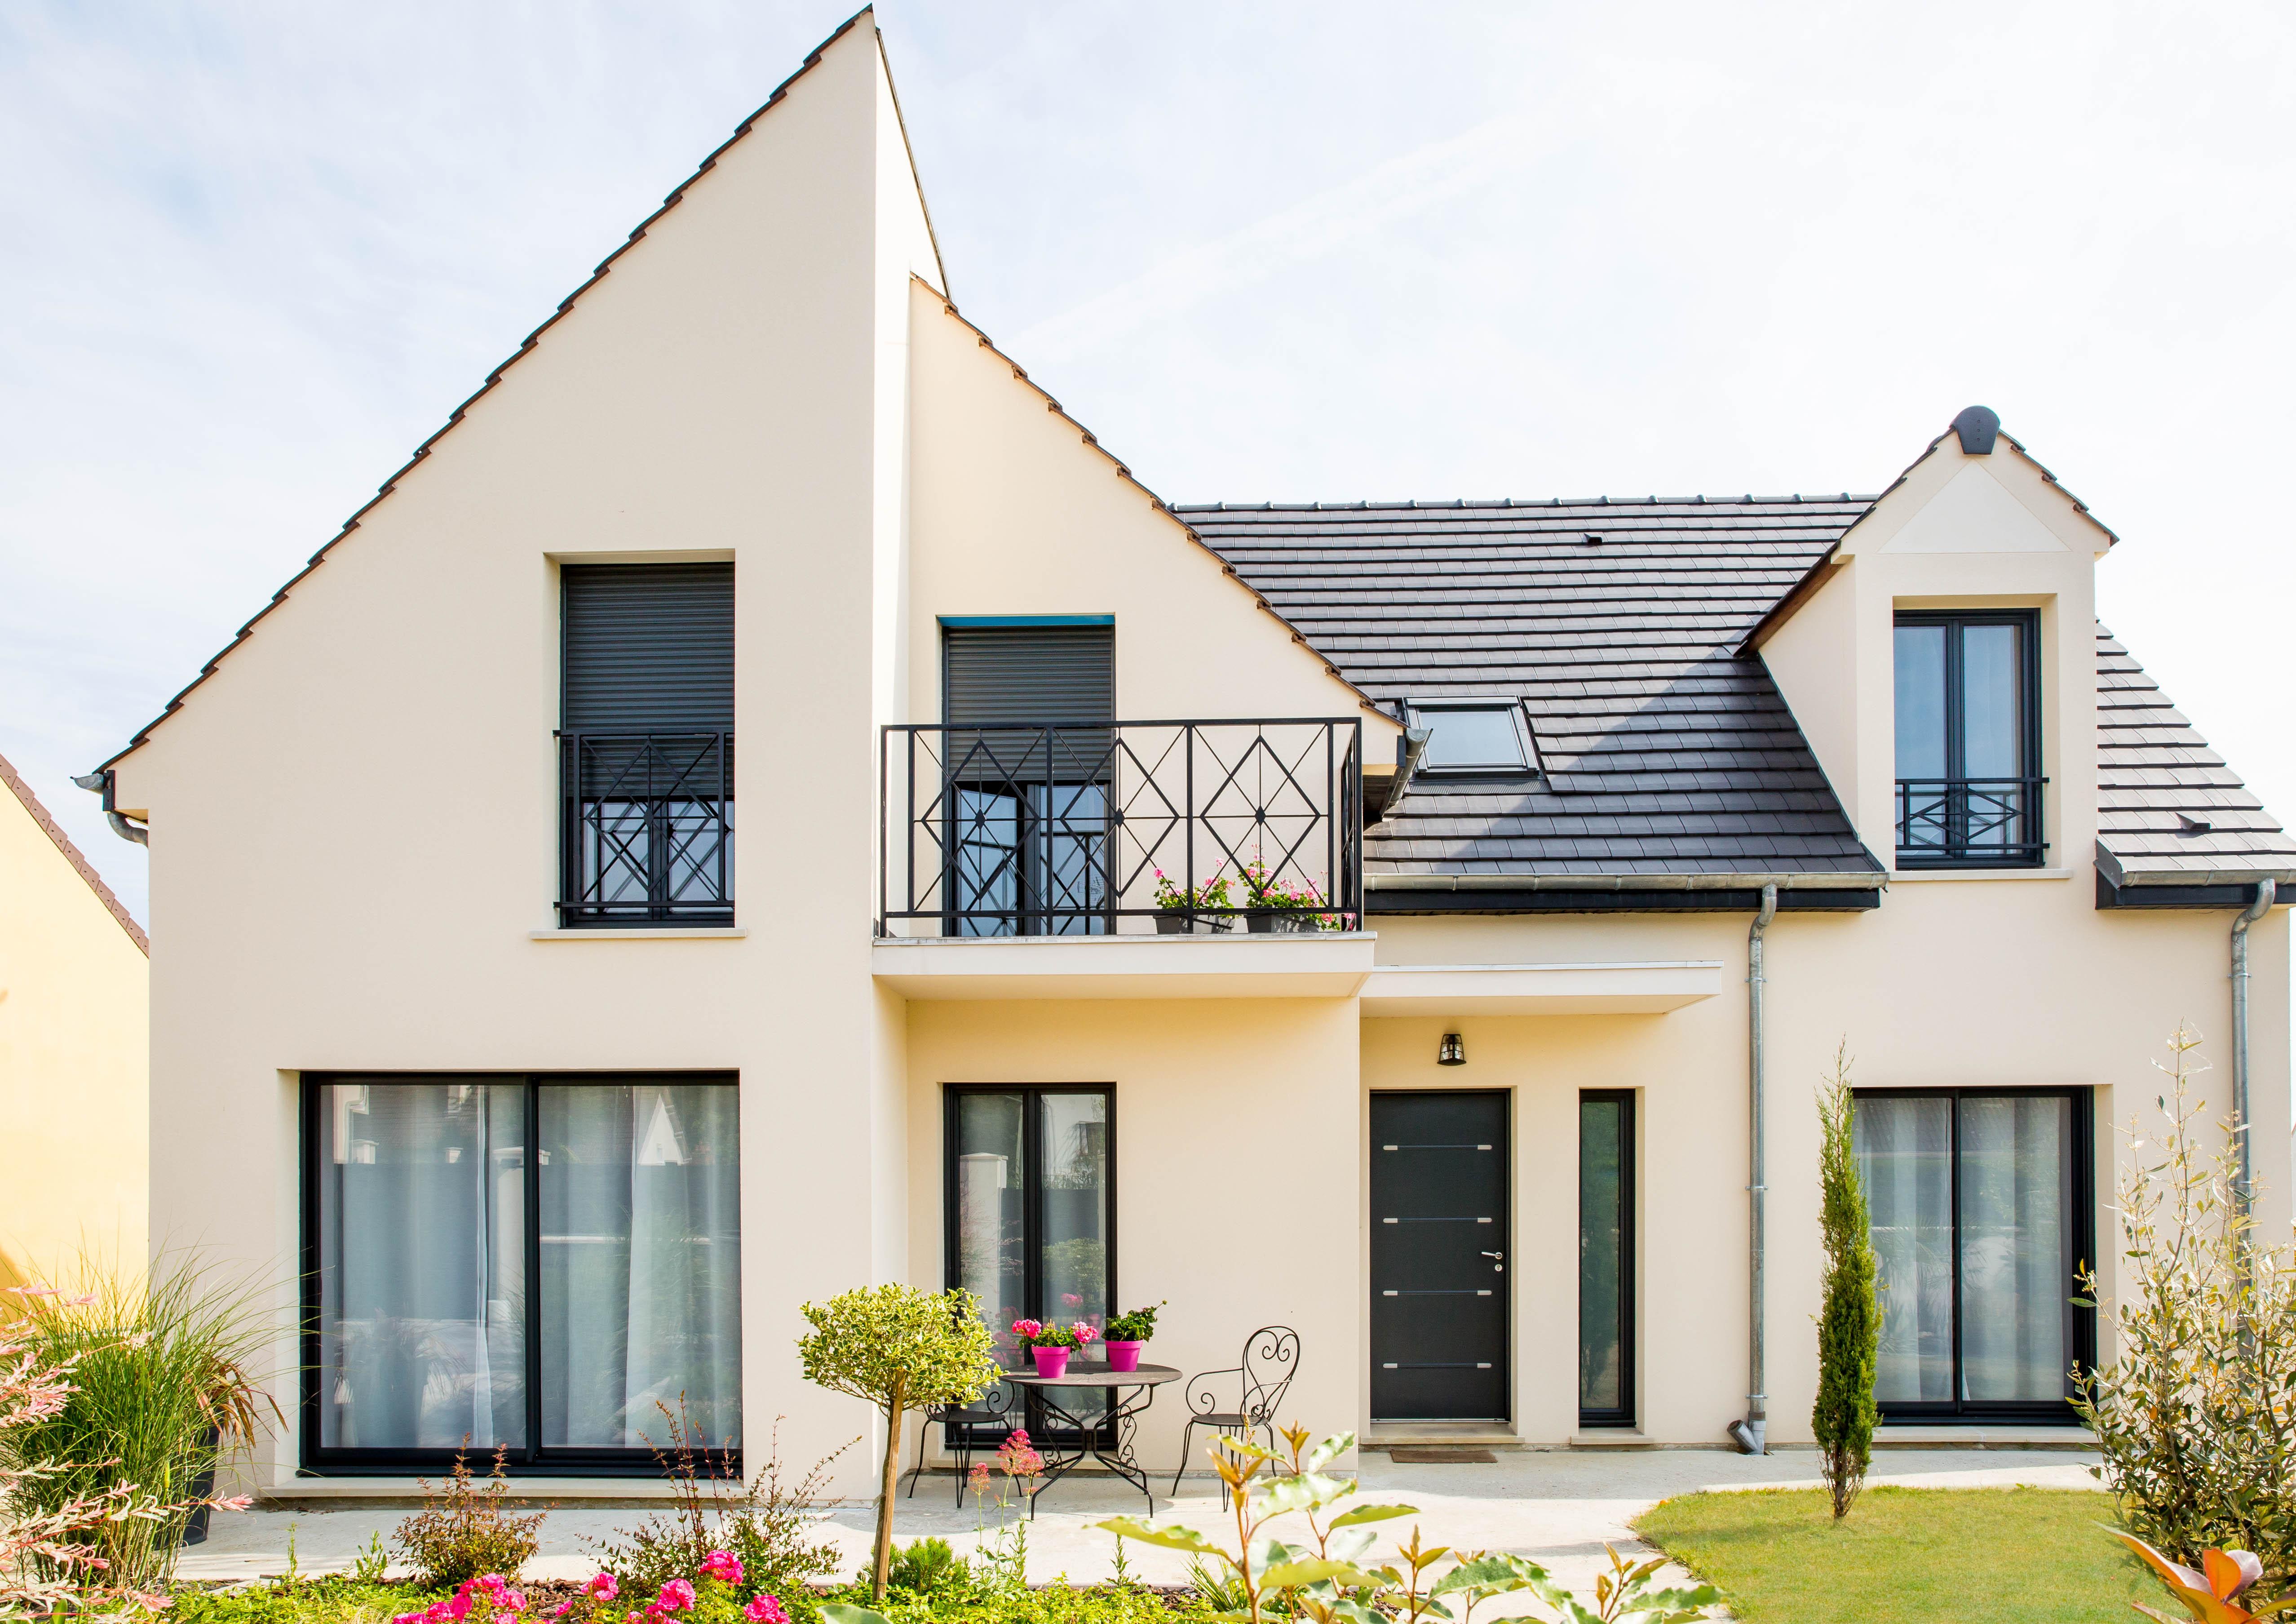 Terrains du constructeur MAISONS ERMI • 879 m² • SAINT CREPIN IBOUVILLERS